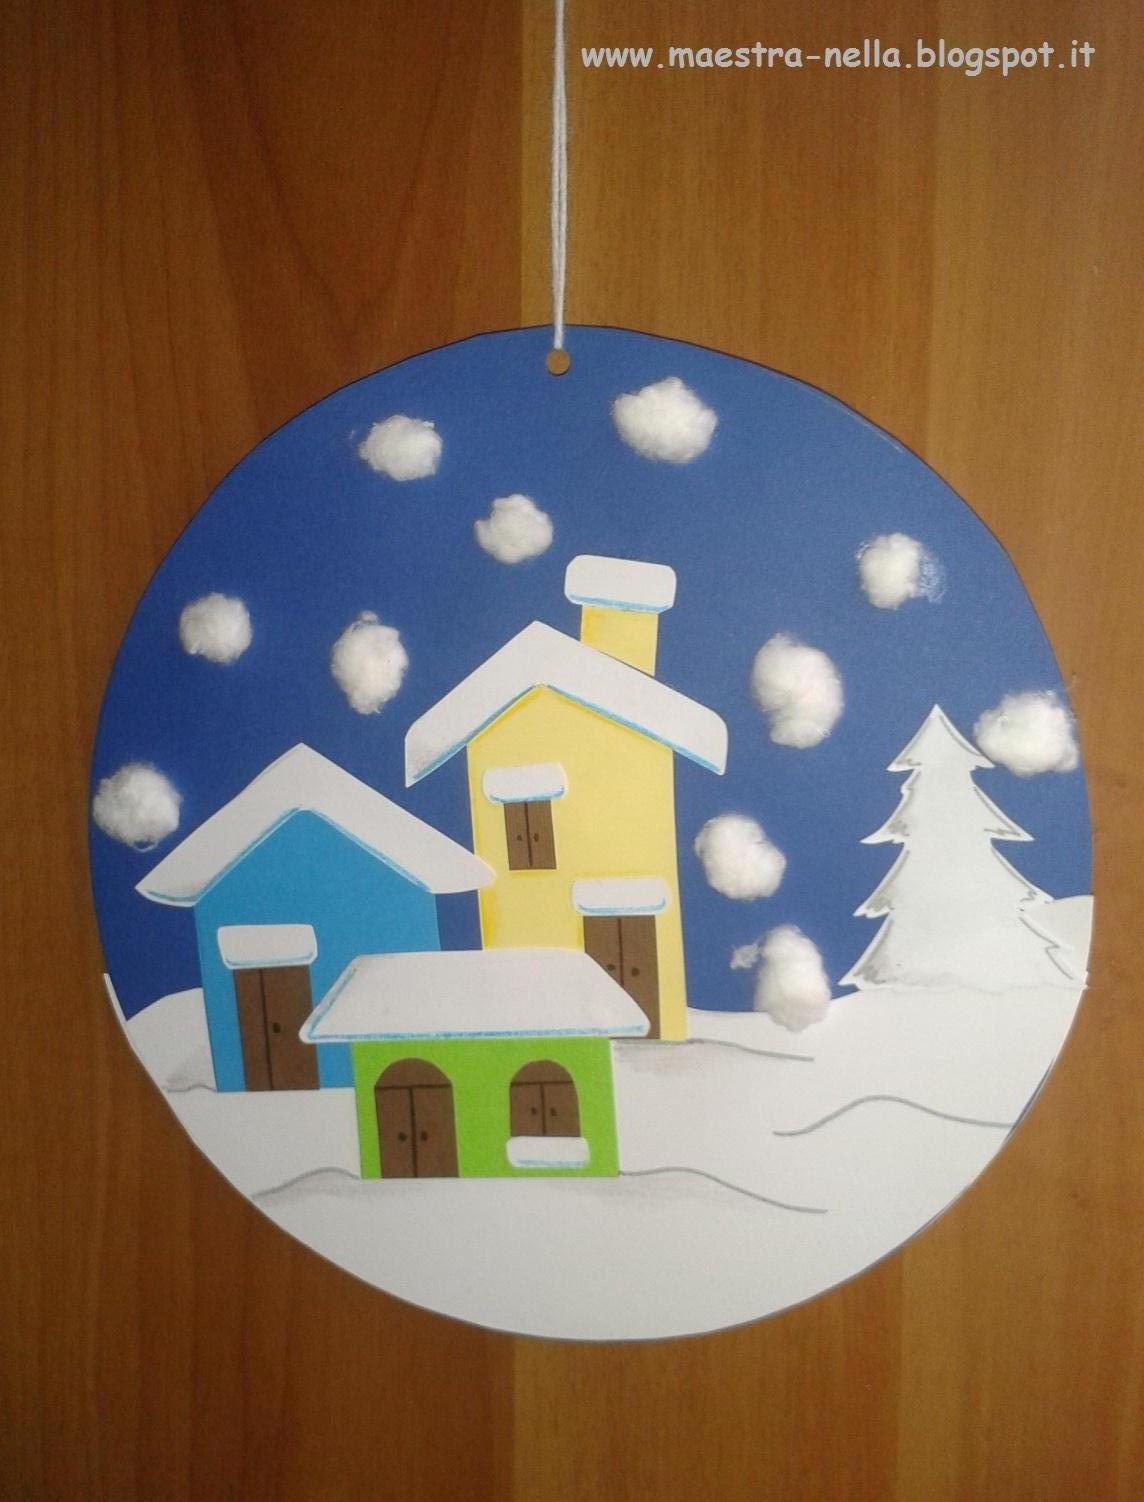 Maestra nella addobbi invernali for Addobbi natalizi scuola primaria